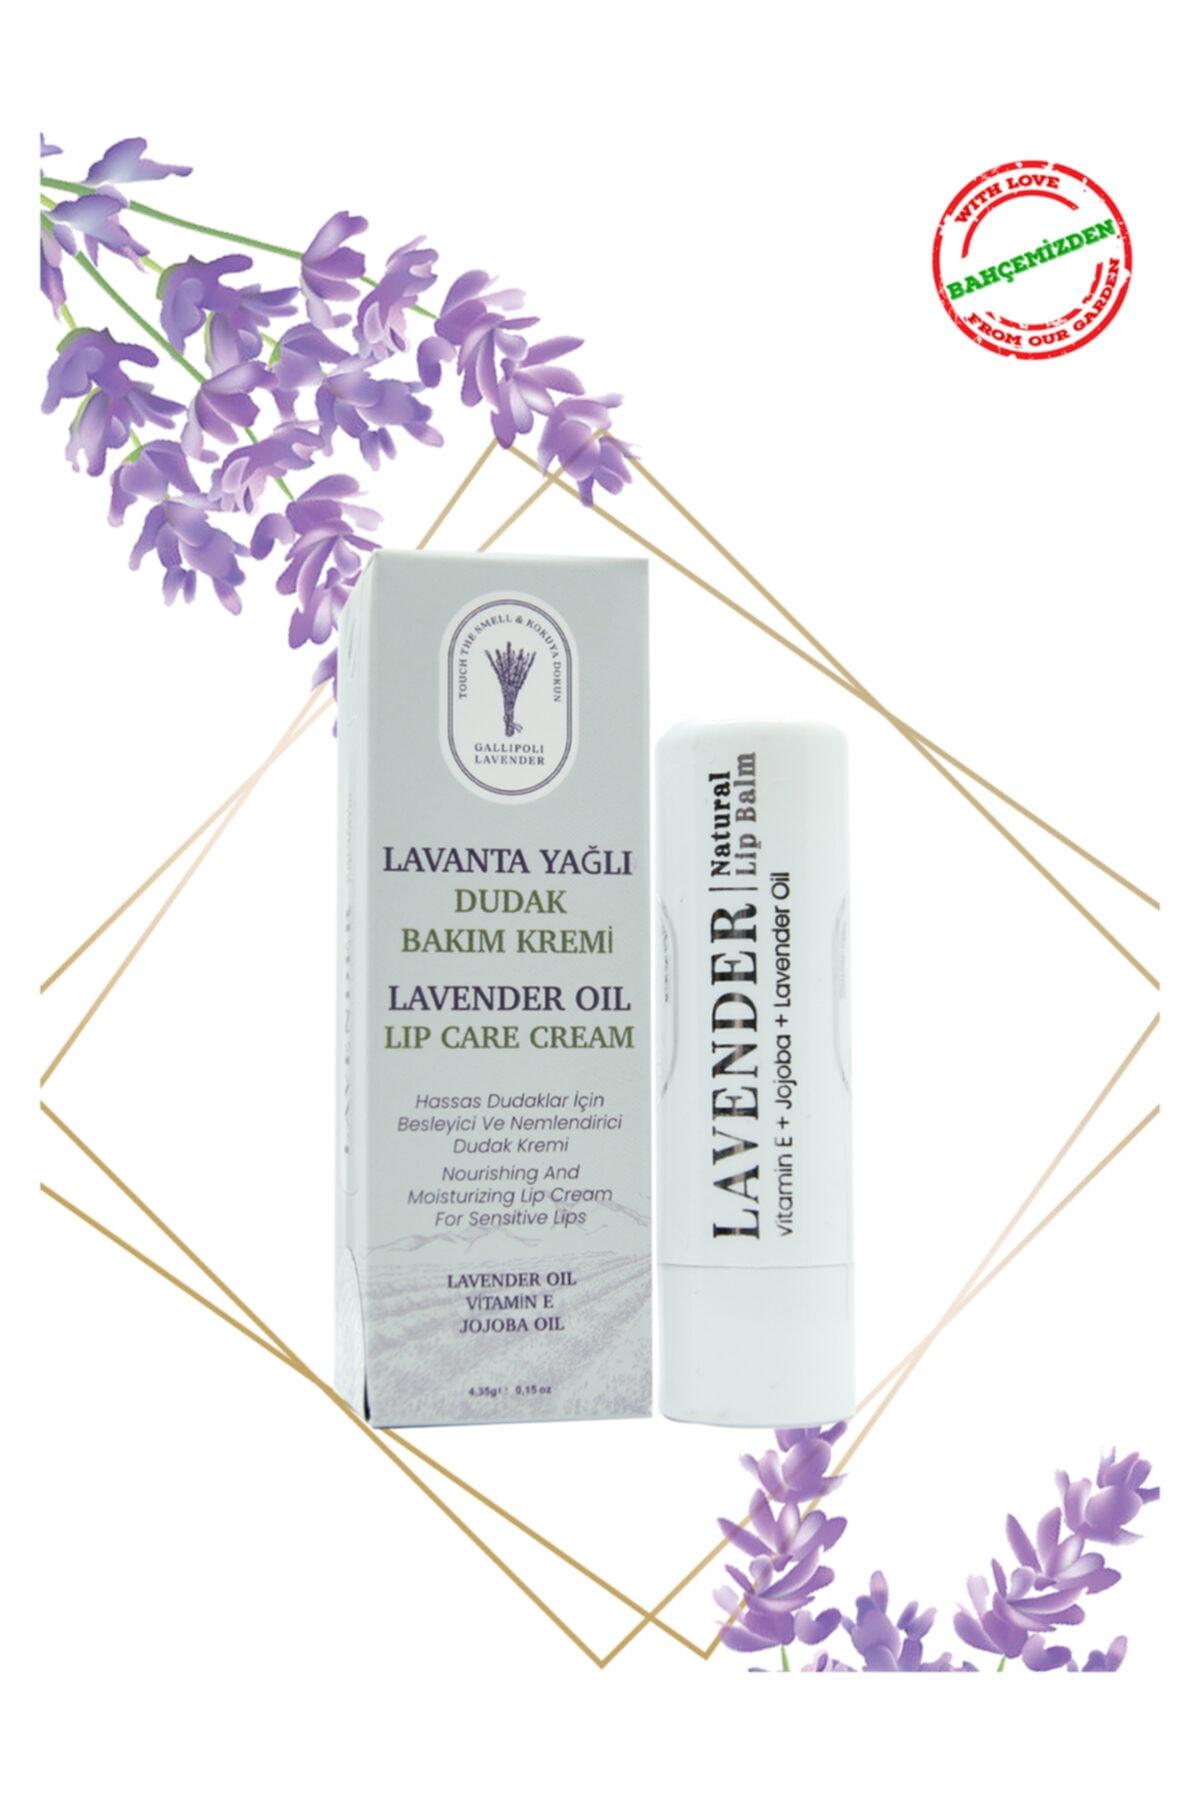 Gallipoli Lavender Lavanta Yağlı Dudak Bakım Kremi Kuru Ve Çatlamış Dudaklar Için Dudak Balm Yoğun Bakım Nemlendirici 1